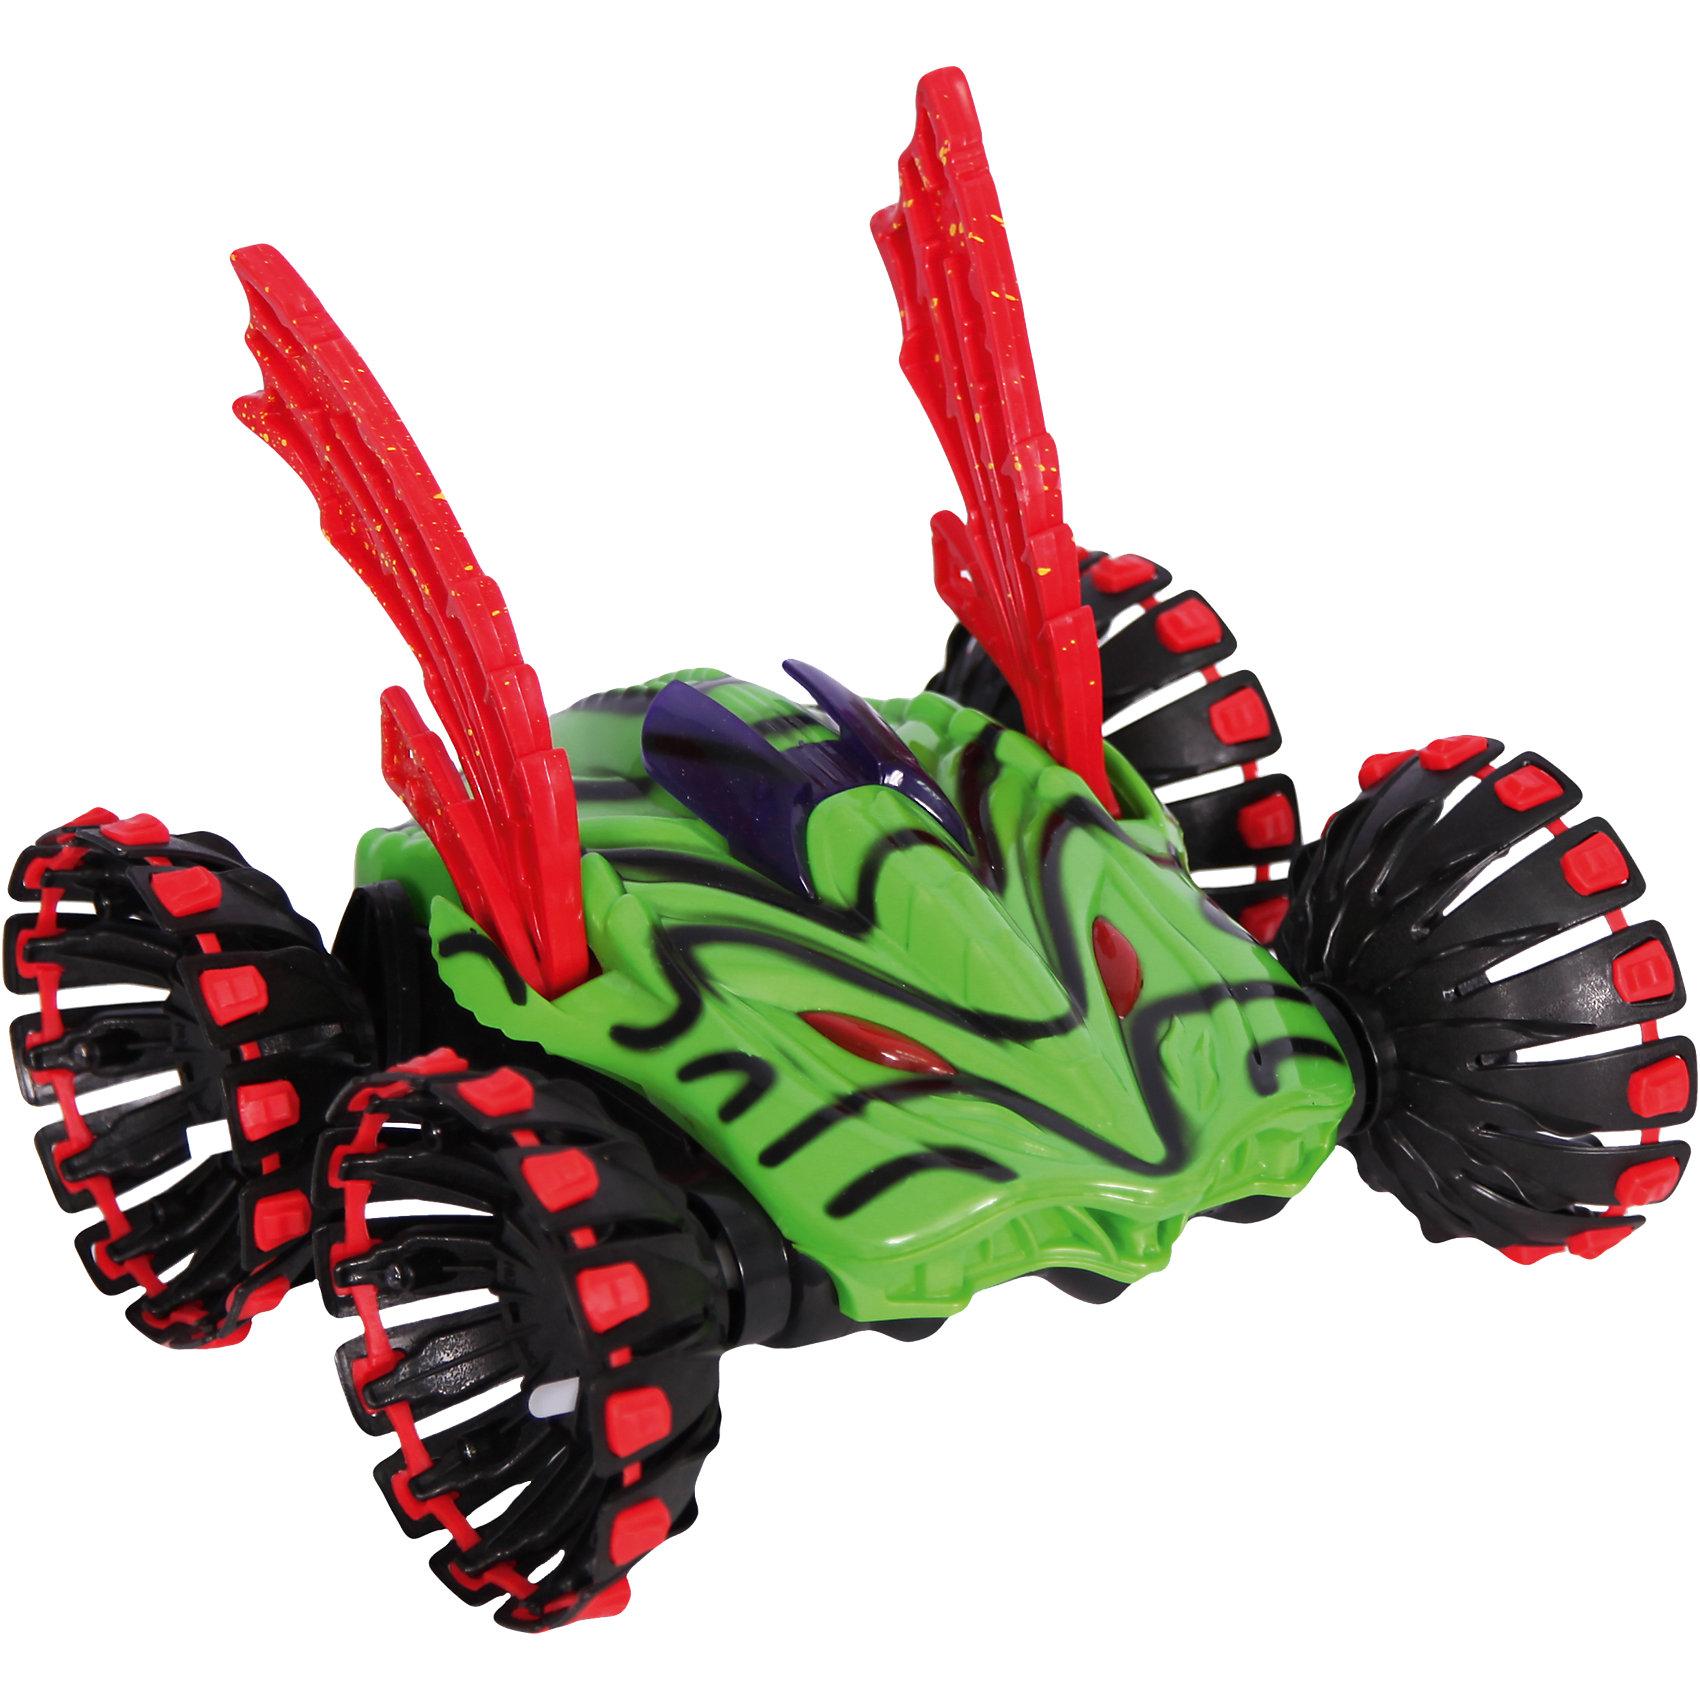 Автомобиль-внедорожник SUPER SPEED STUNT CAR, р/у, SDLАвтомобиль-внедорожник SUPER SPEED STUNT CAR от SDL- это вездеход, который вызовет восторг и взрослых и детей. Яркий вездеход на огромных колесах напоминает пришельца и может развивать скорость до 22 км/ч! Мальчишку очень порадуют внушительные шины, готовые обогнуть любое препятствие. В комплекте с машинкой Вы найдете 4 пары разных сменных шин, которые позволят выполнять классные трюки. Ребенок получит огромное удовольствие от управления SUPER SPEED STUNT CAR, ведь благодаря резиновые протекторам колес и форме машинка очень маневренная и может выполнять захватывающие трюки! Вездеход может без труда сделать сальто или повращаться на задних колесах. Особый колорит трюкам придают классные световые эффекты. Внедорожник SUPER SPEED STUNT CAR может ездить по любым поверхностям, поэтому мальчик будет обязательно брать ее с собой на прогулку и оттачивать навыки вождения! Собирай друзей и выясняй, кто самый быстрый гонщик!<br><br>Дополнительная информация:<br><br>- В комплекте: детали для сборки автомобиля, набор для смены колёс, пульт дистанционного управления, 9V батарейка для ПДУ, аккумуляторная батарейка, зарядное устройство;<br>- Светодиоды на колесах;<br>- 8 сменных колес;<br>- Защита от падений и ударов;<br>- Разгоняется до 22 км/ч;<br>- Состав (материал): пластик;<br>- Цвет: зеленый;<br>- Размер упаковки: 55,8 х 41,5 х 18,2 см; <br>- Вес упаковки: 3,1 кг<br><br>Автомобиль-внедорожник SUPER SPEED STUNT CAR, р/у, SDL можно купить в нашем интернет-магазине.<br><br>Ширина мм: 558<br>Глубина мм: 415<br>Высота мм: 182<br>Вес г: 3100<br>Возраст от месяцев: 72<br>Возраст до месяцев: 144<br>Пол: Мужской<br>Возраст: Детский<br>SKU: 4094294